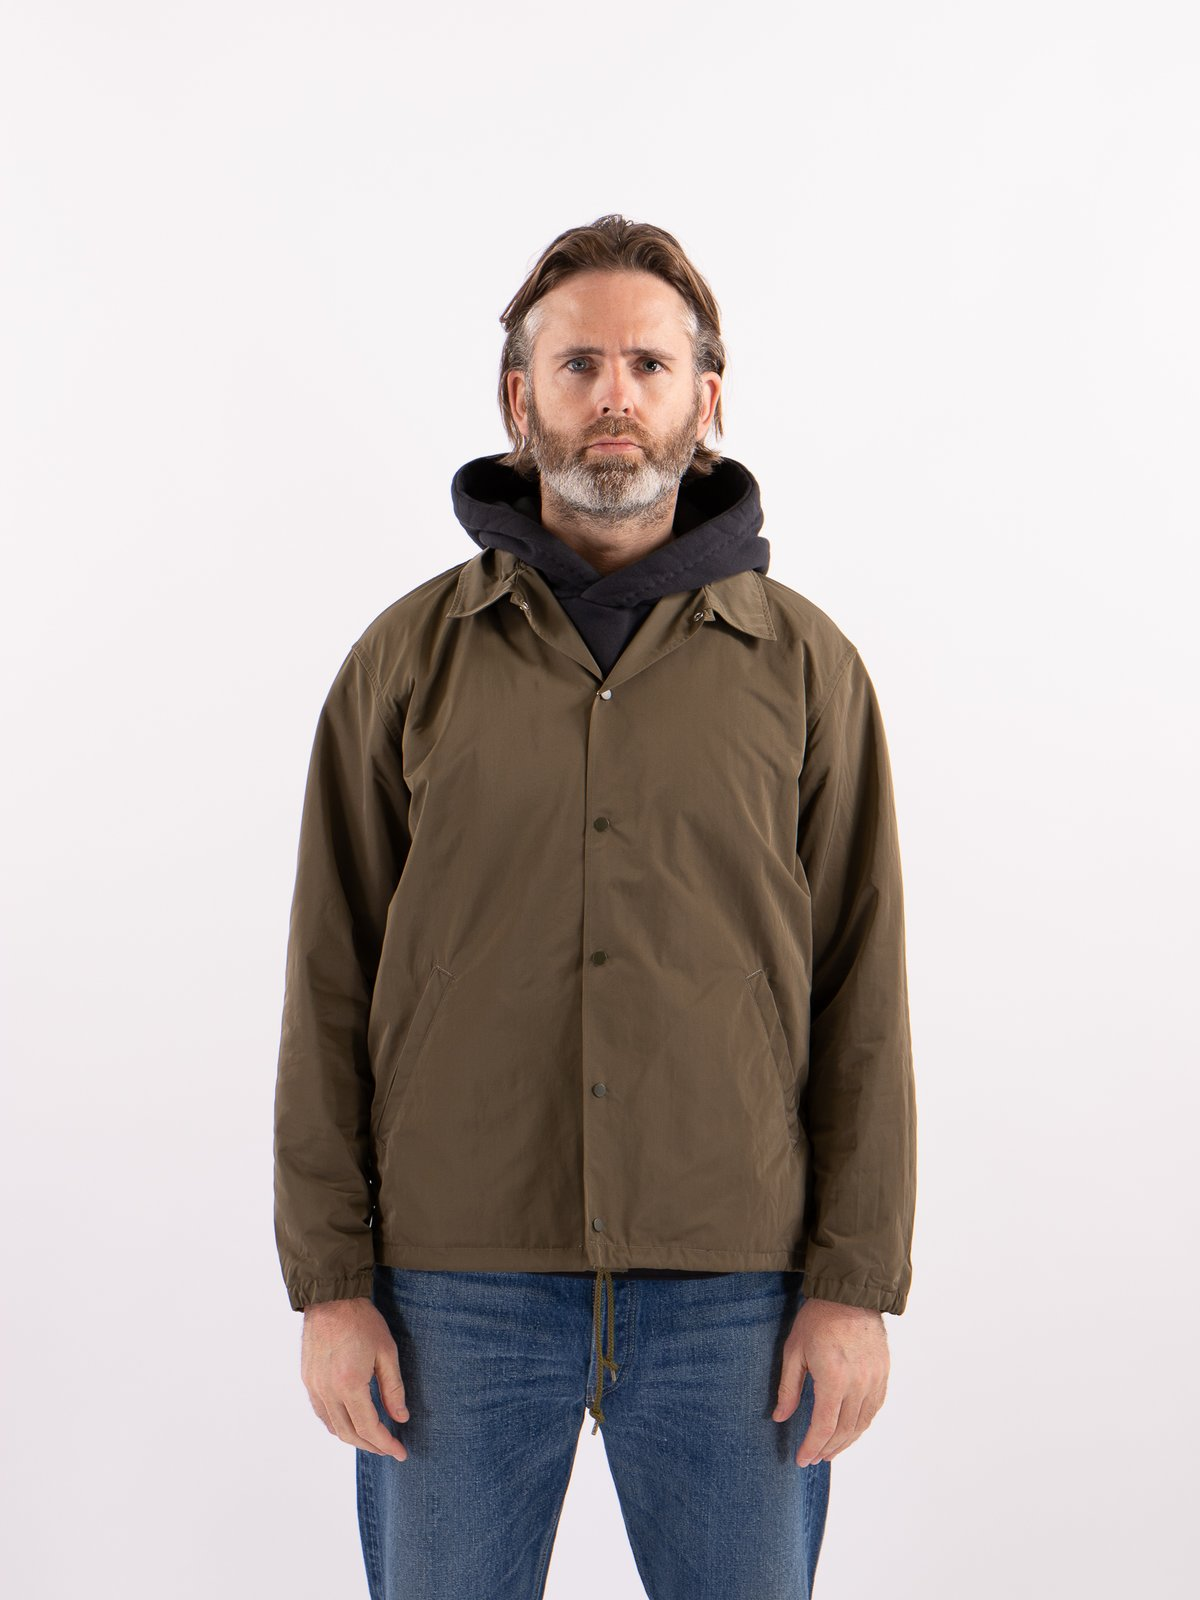 Khaki Coach Jacket - Image 2